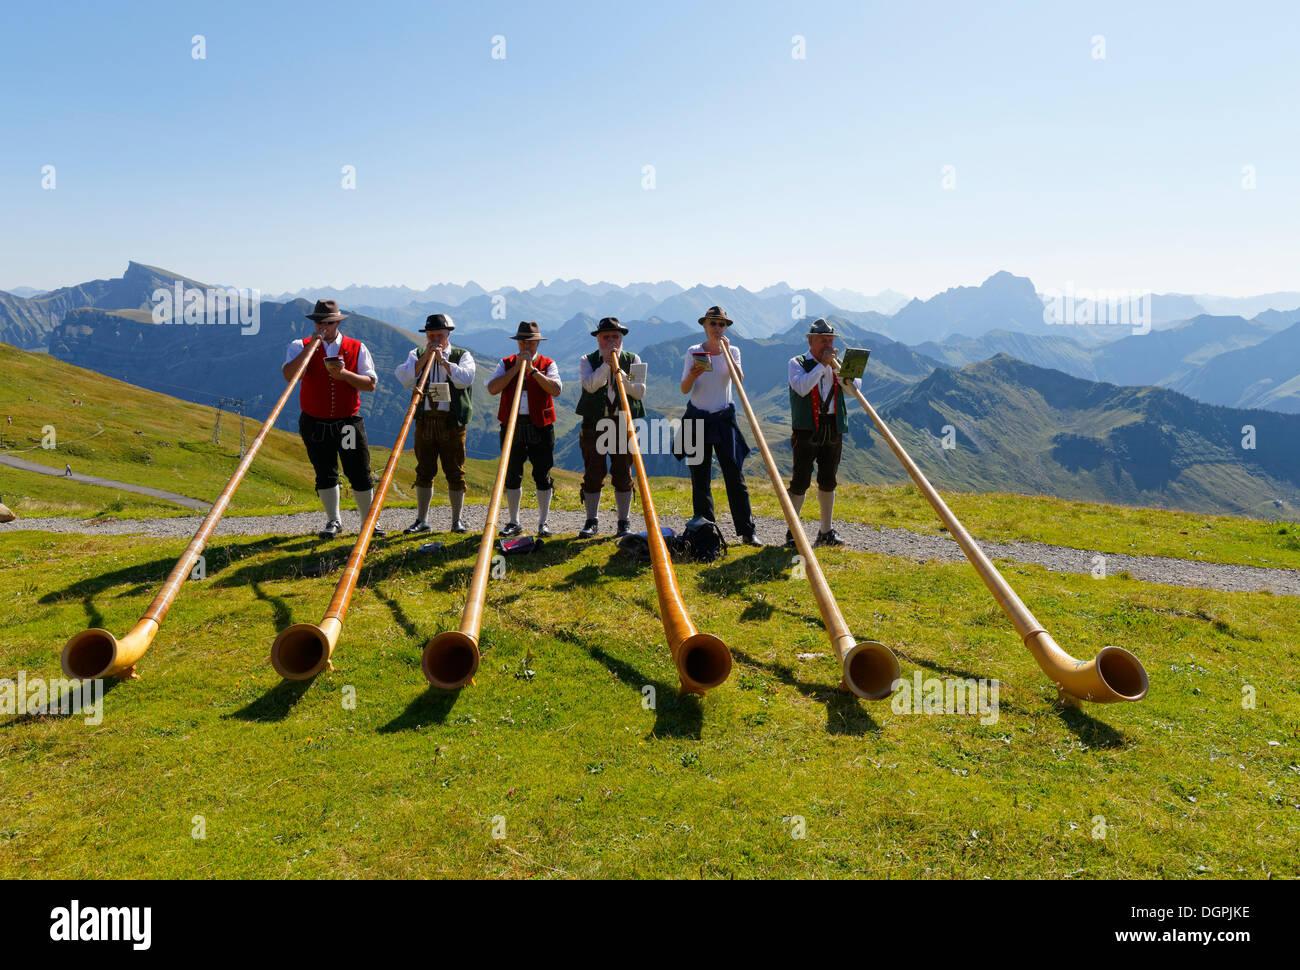 Alphorn players, Diedamskopf, Schoppernau, Bregenzerwald, Bregenzer Wald, Vorarlberg, Austria Stock Foto